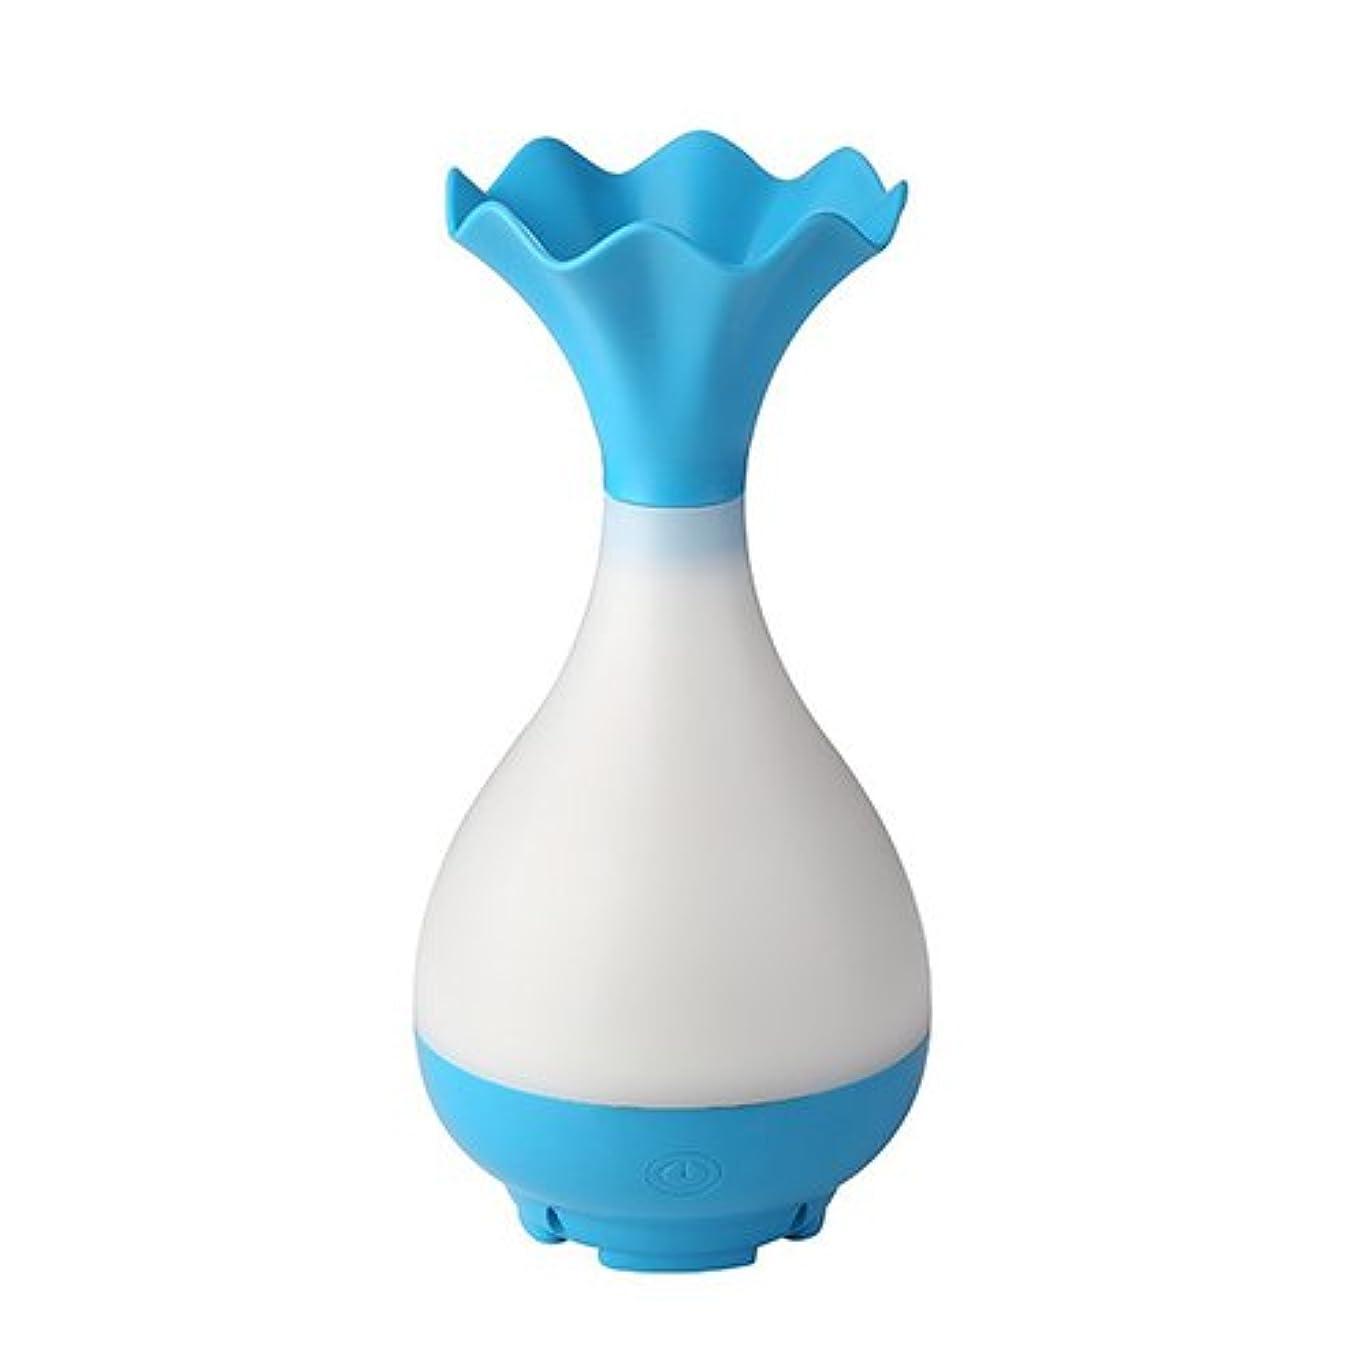 対角線未使用落胆したMystic Moments   Blue Vase Bottle USB Aromatherapy Oil Humidifier Diffuser with LED Lighting